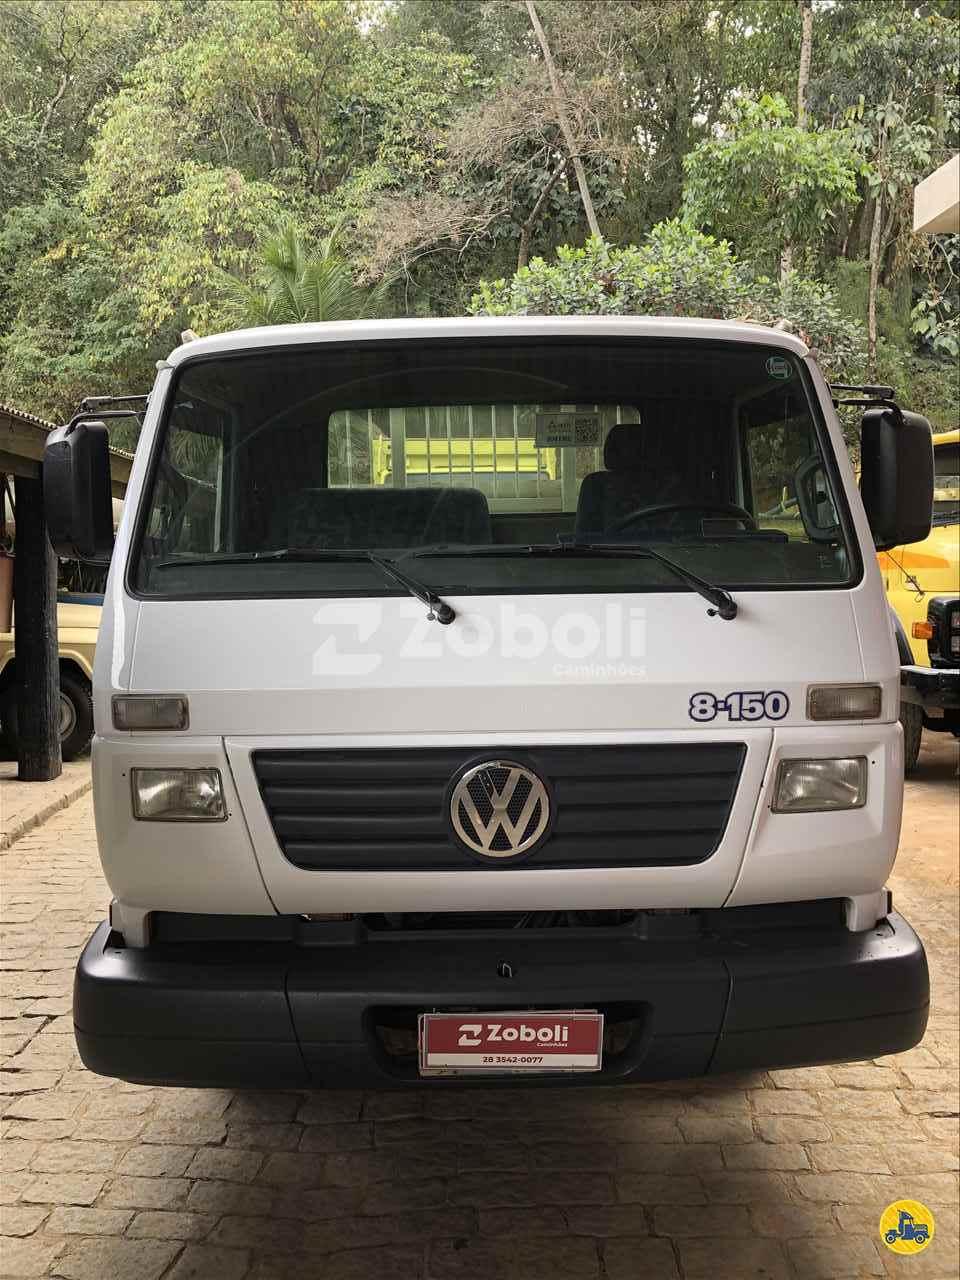 CAMINHAO VOLKSWAGEN VW 8150 Carga Seca Toco 4x2 Zoboli Caminhões CASTELO ESPÍRITO SANTO ES